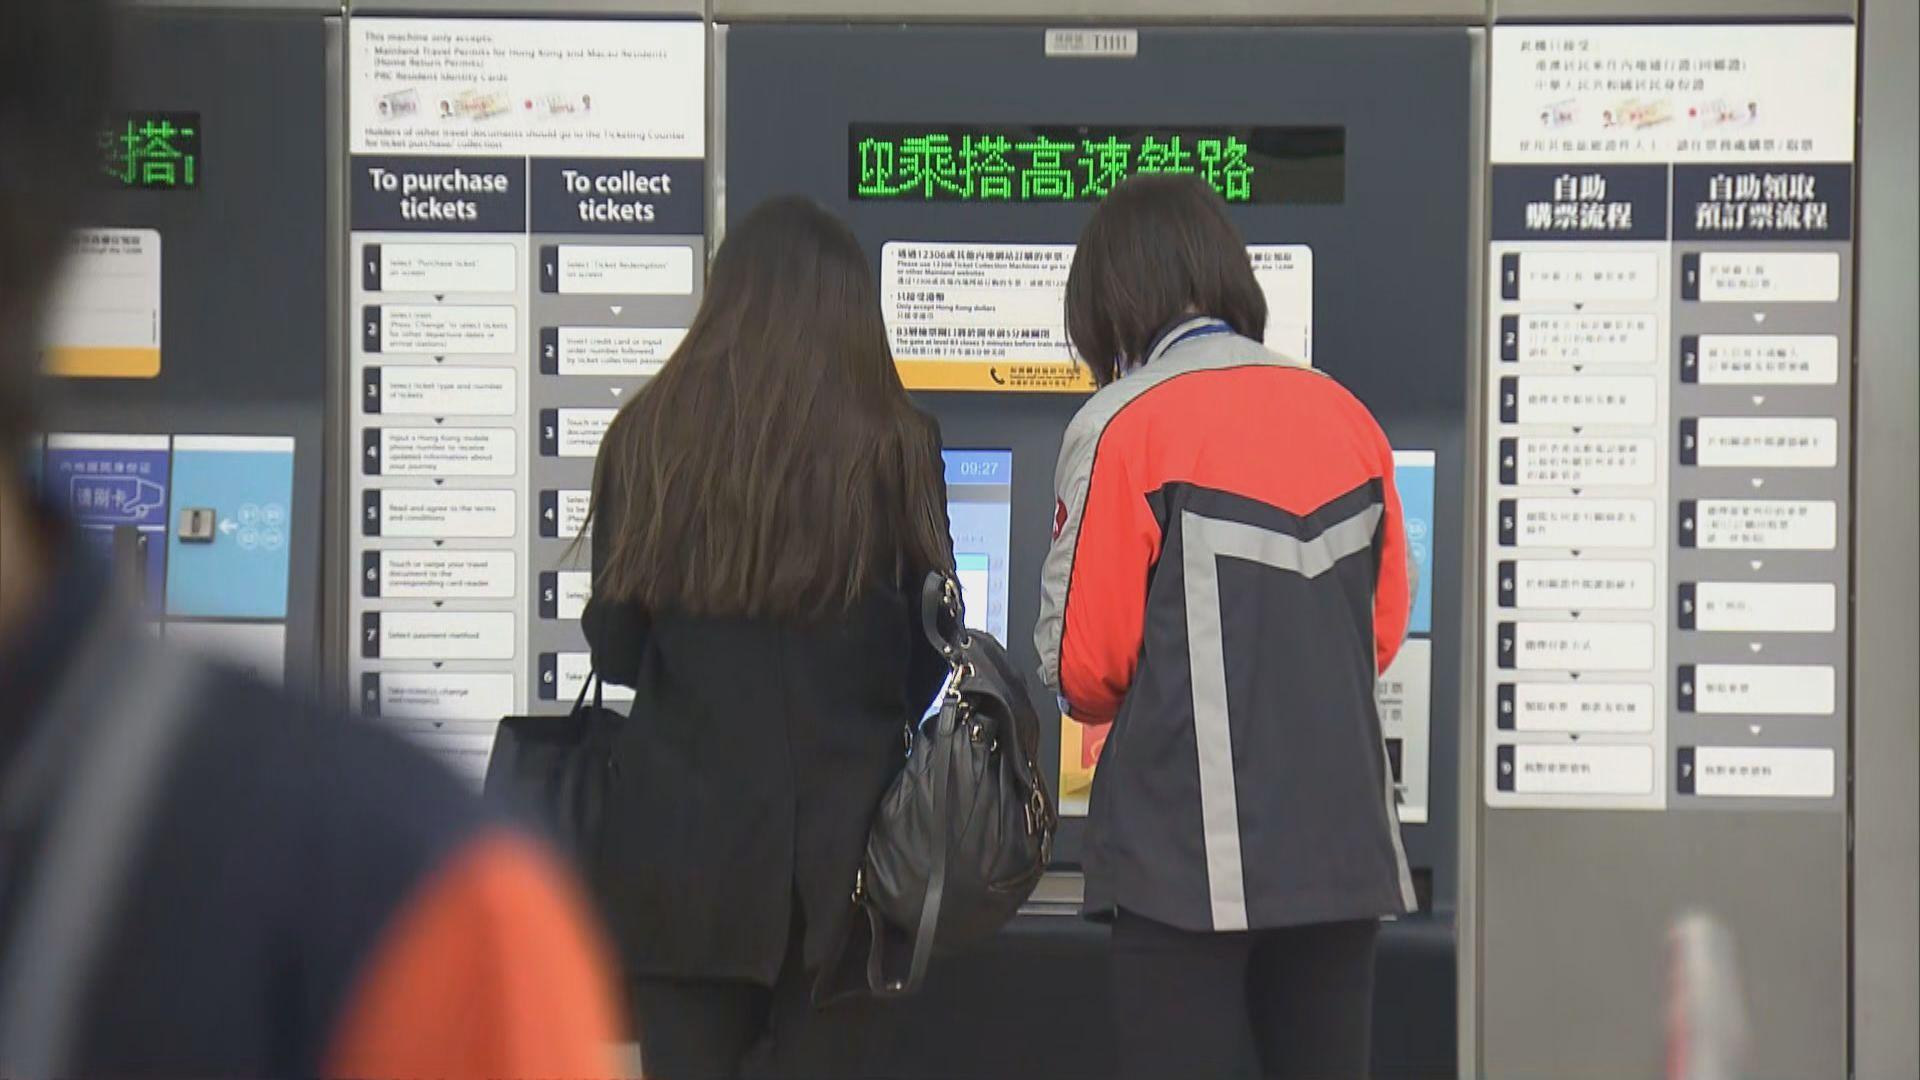 高鐵香港段周四起關閉 旅客改行程提早離港